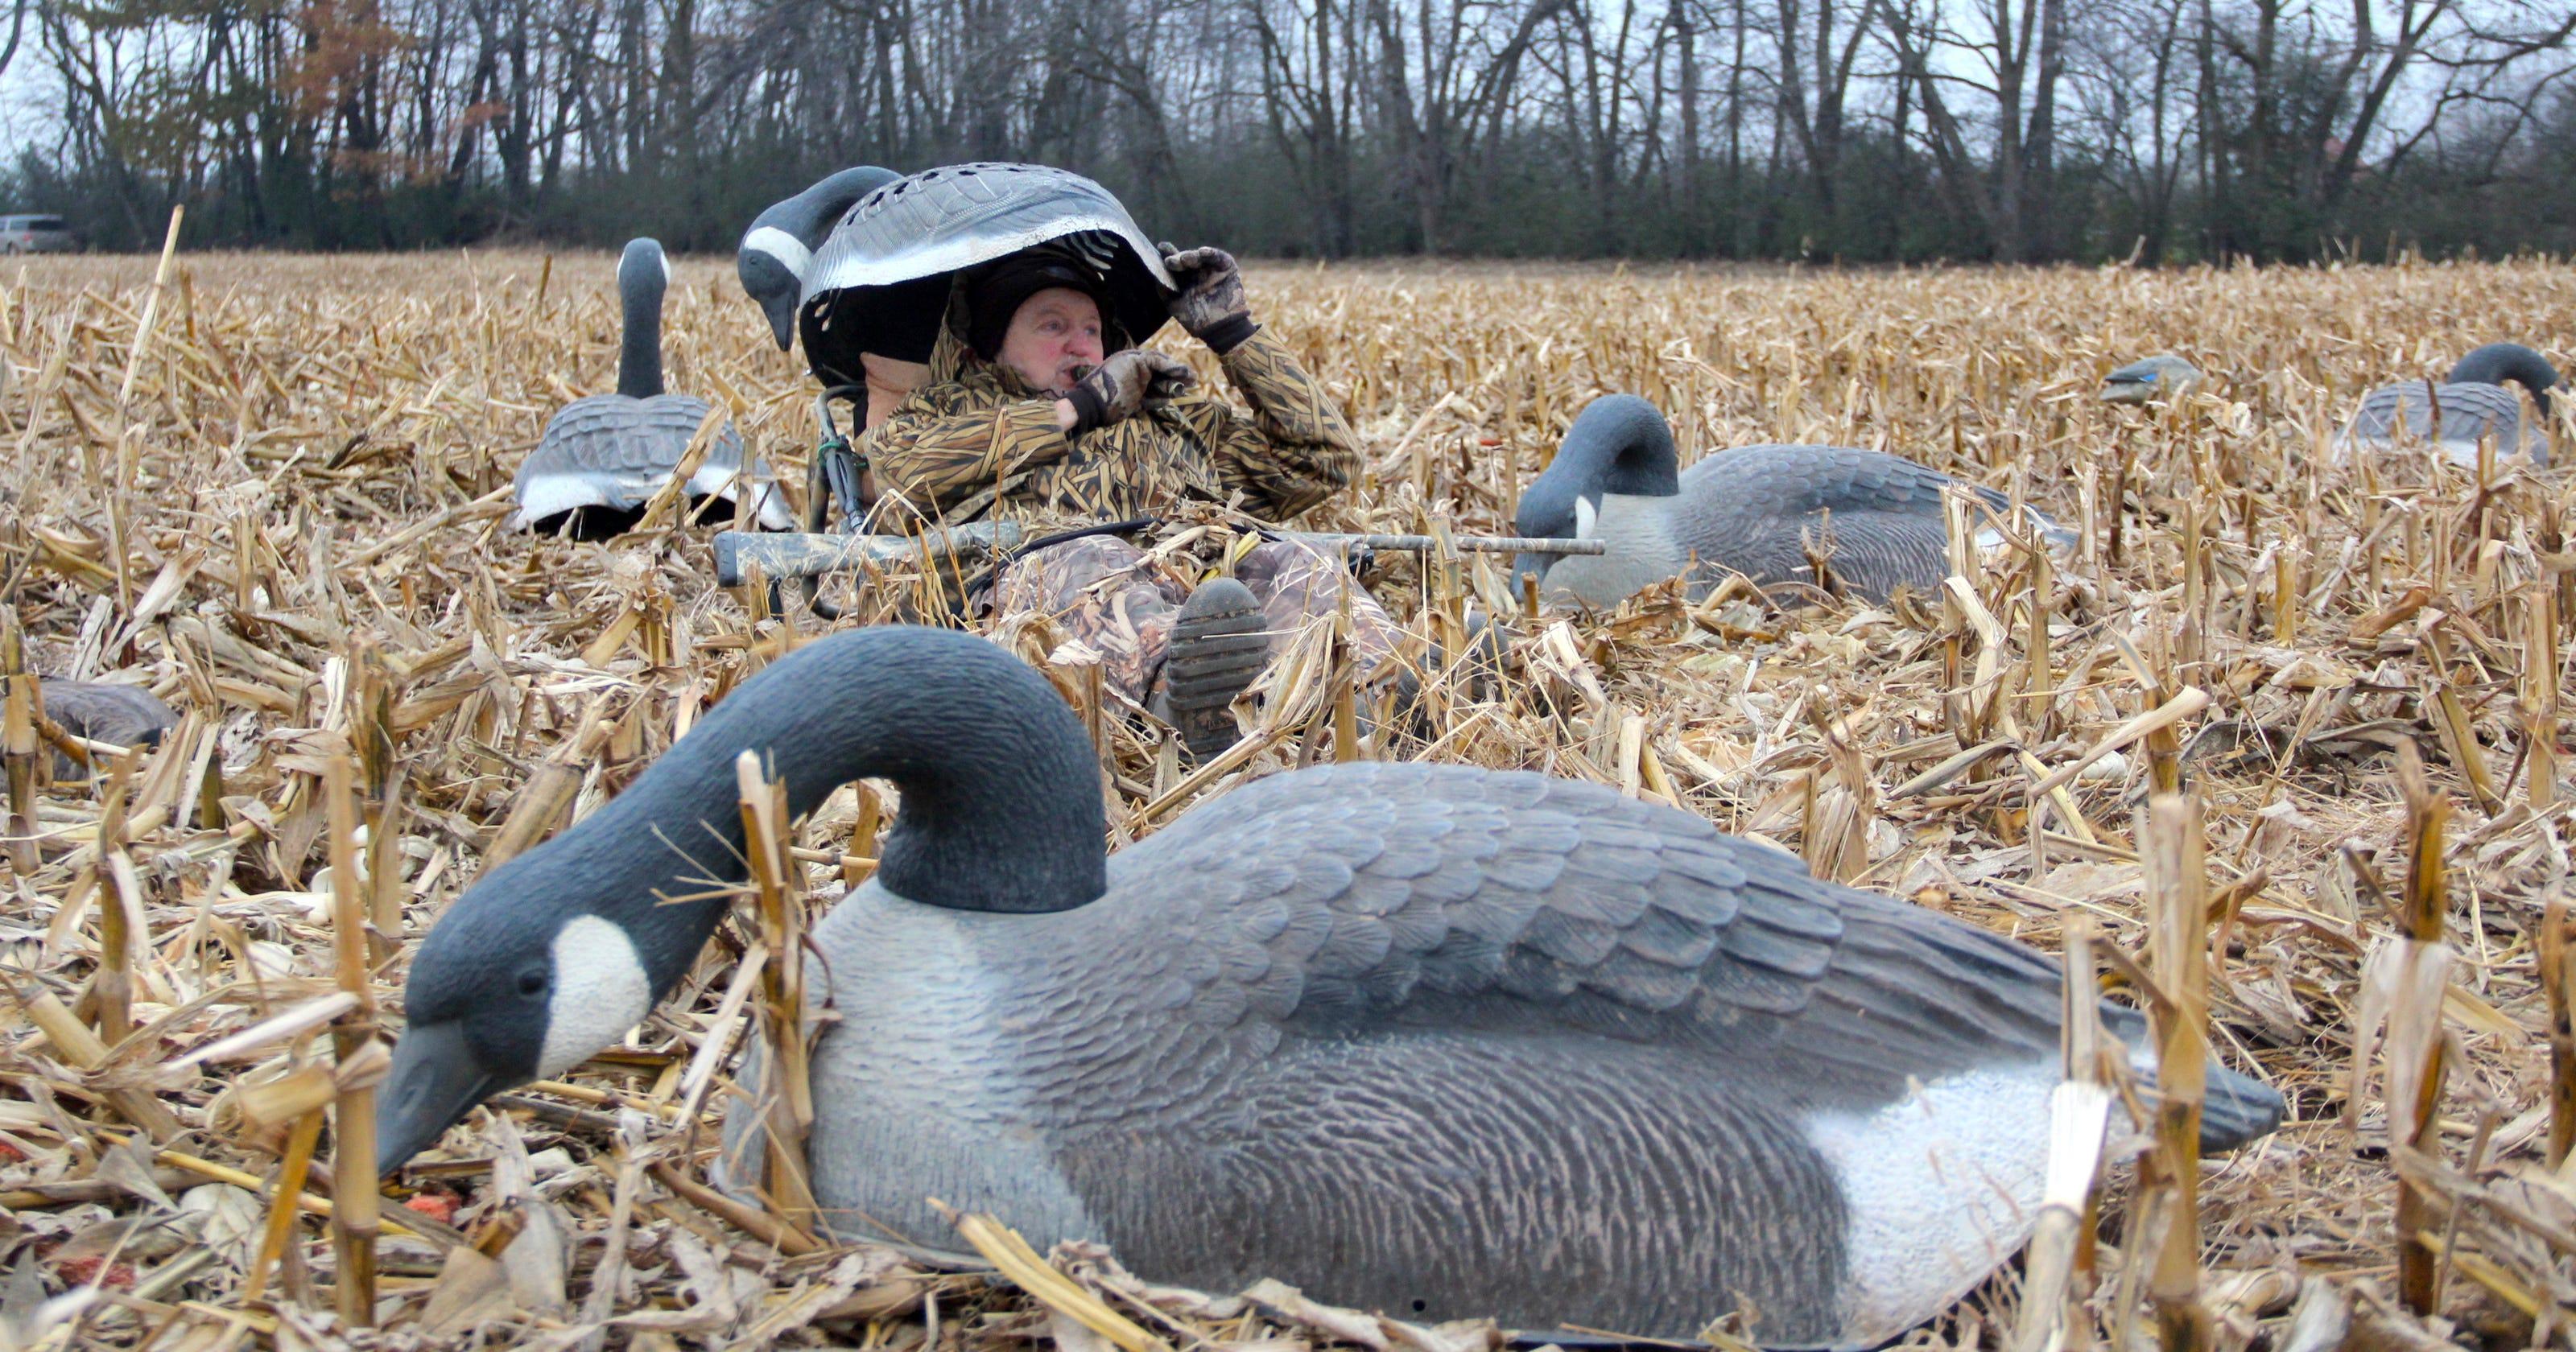 Lov na slikama i videu - Page 3 636495526901793943-Goose-hunt-1